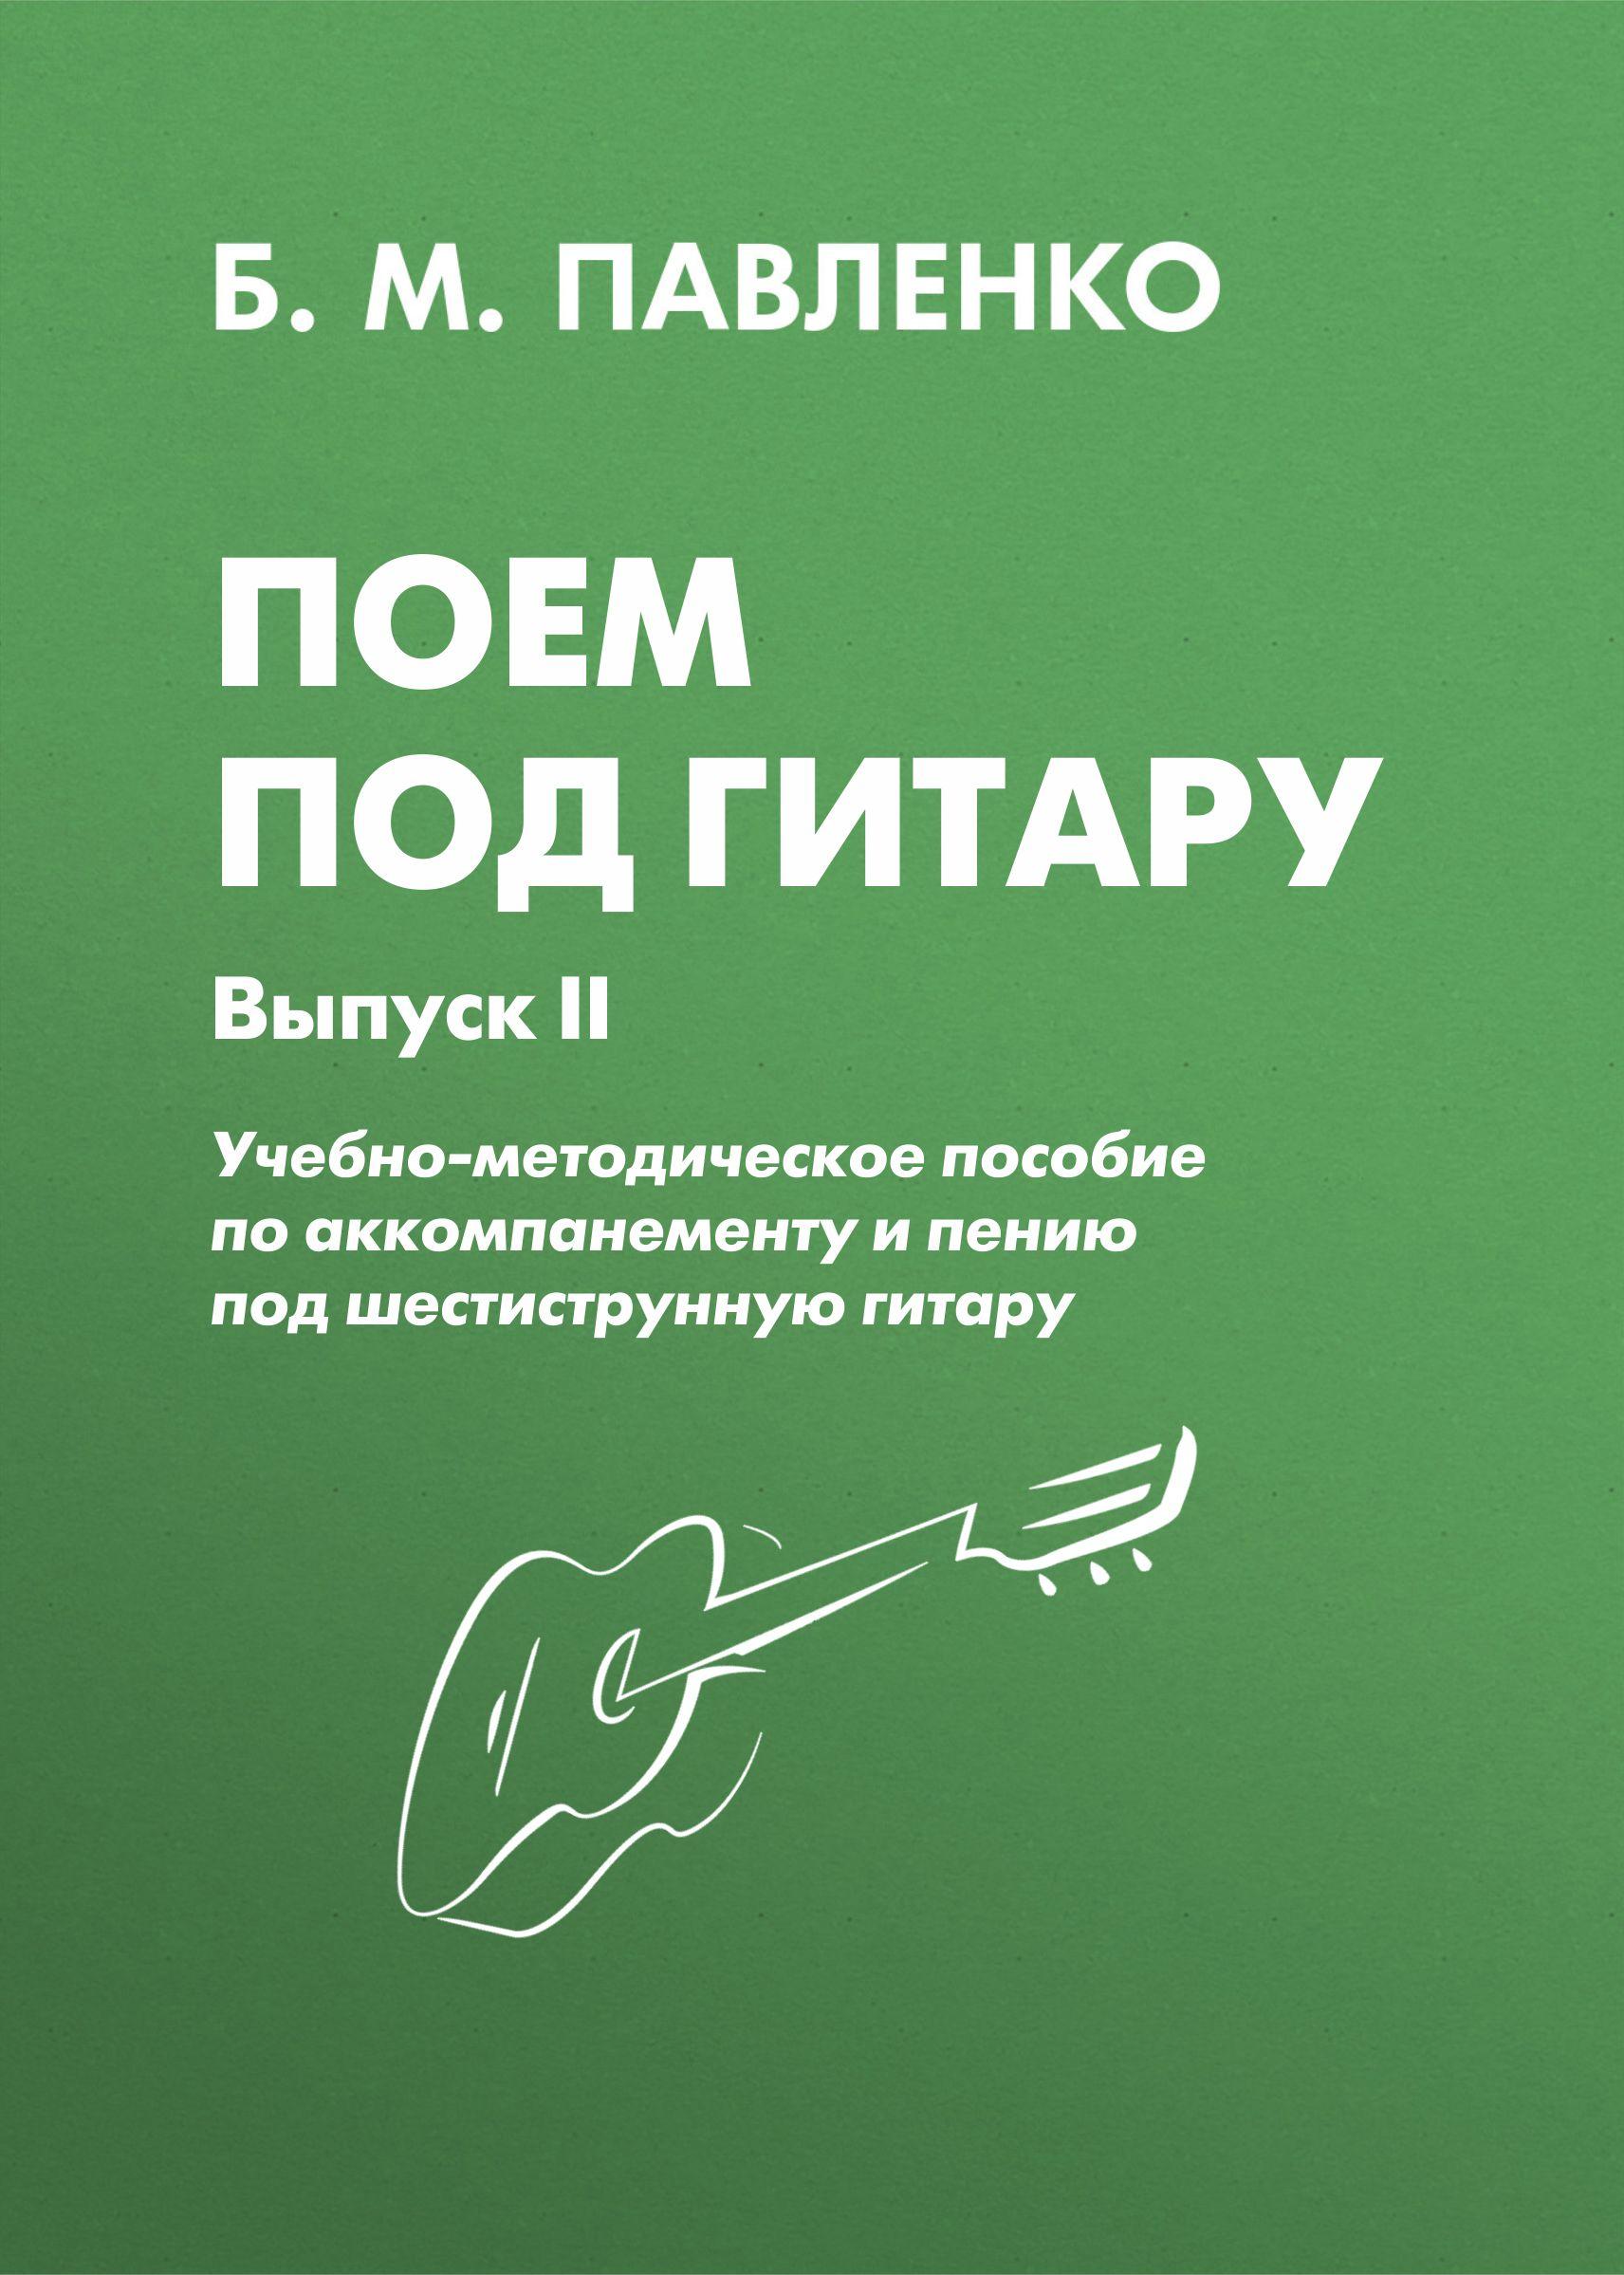 Б. М. Павленко Поем под . Учебно-методическое пособие по аккомпанементу и пению под шестиструнную . Выпуск II